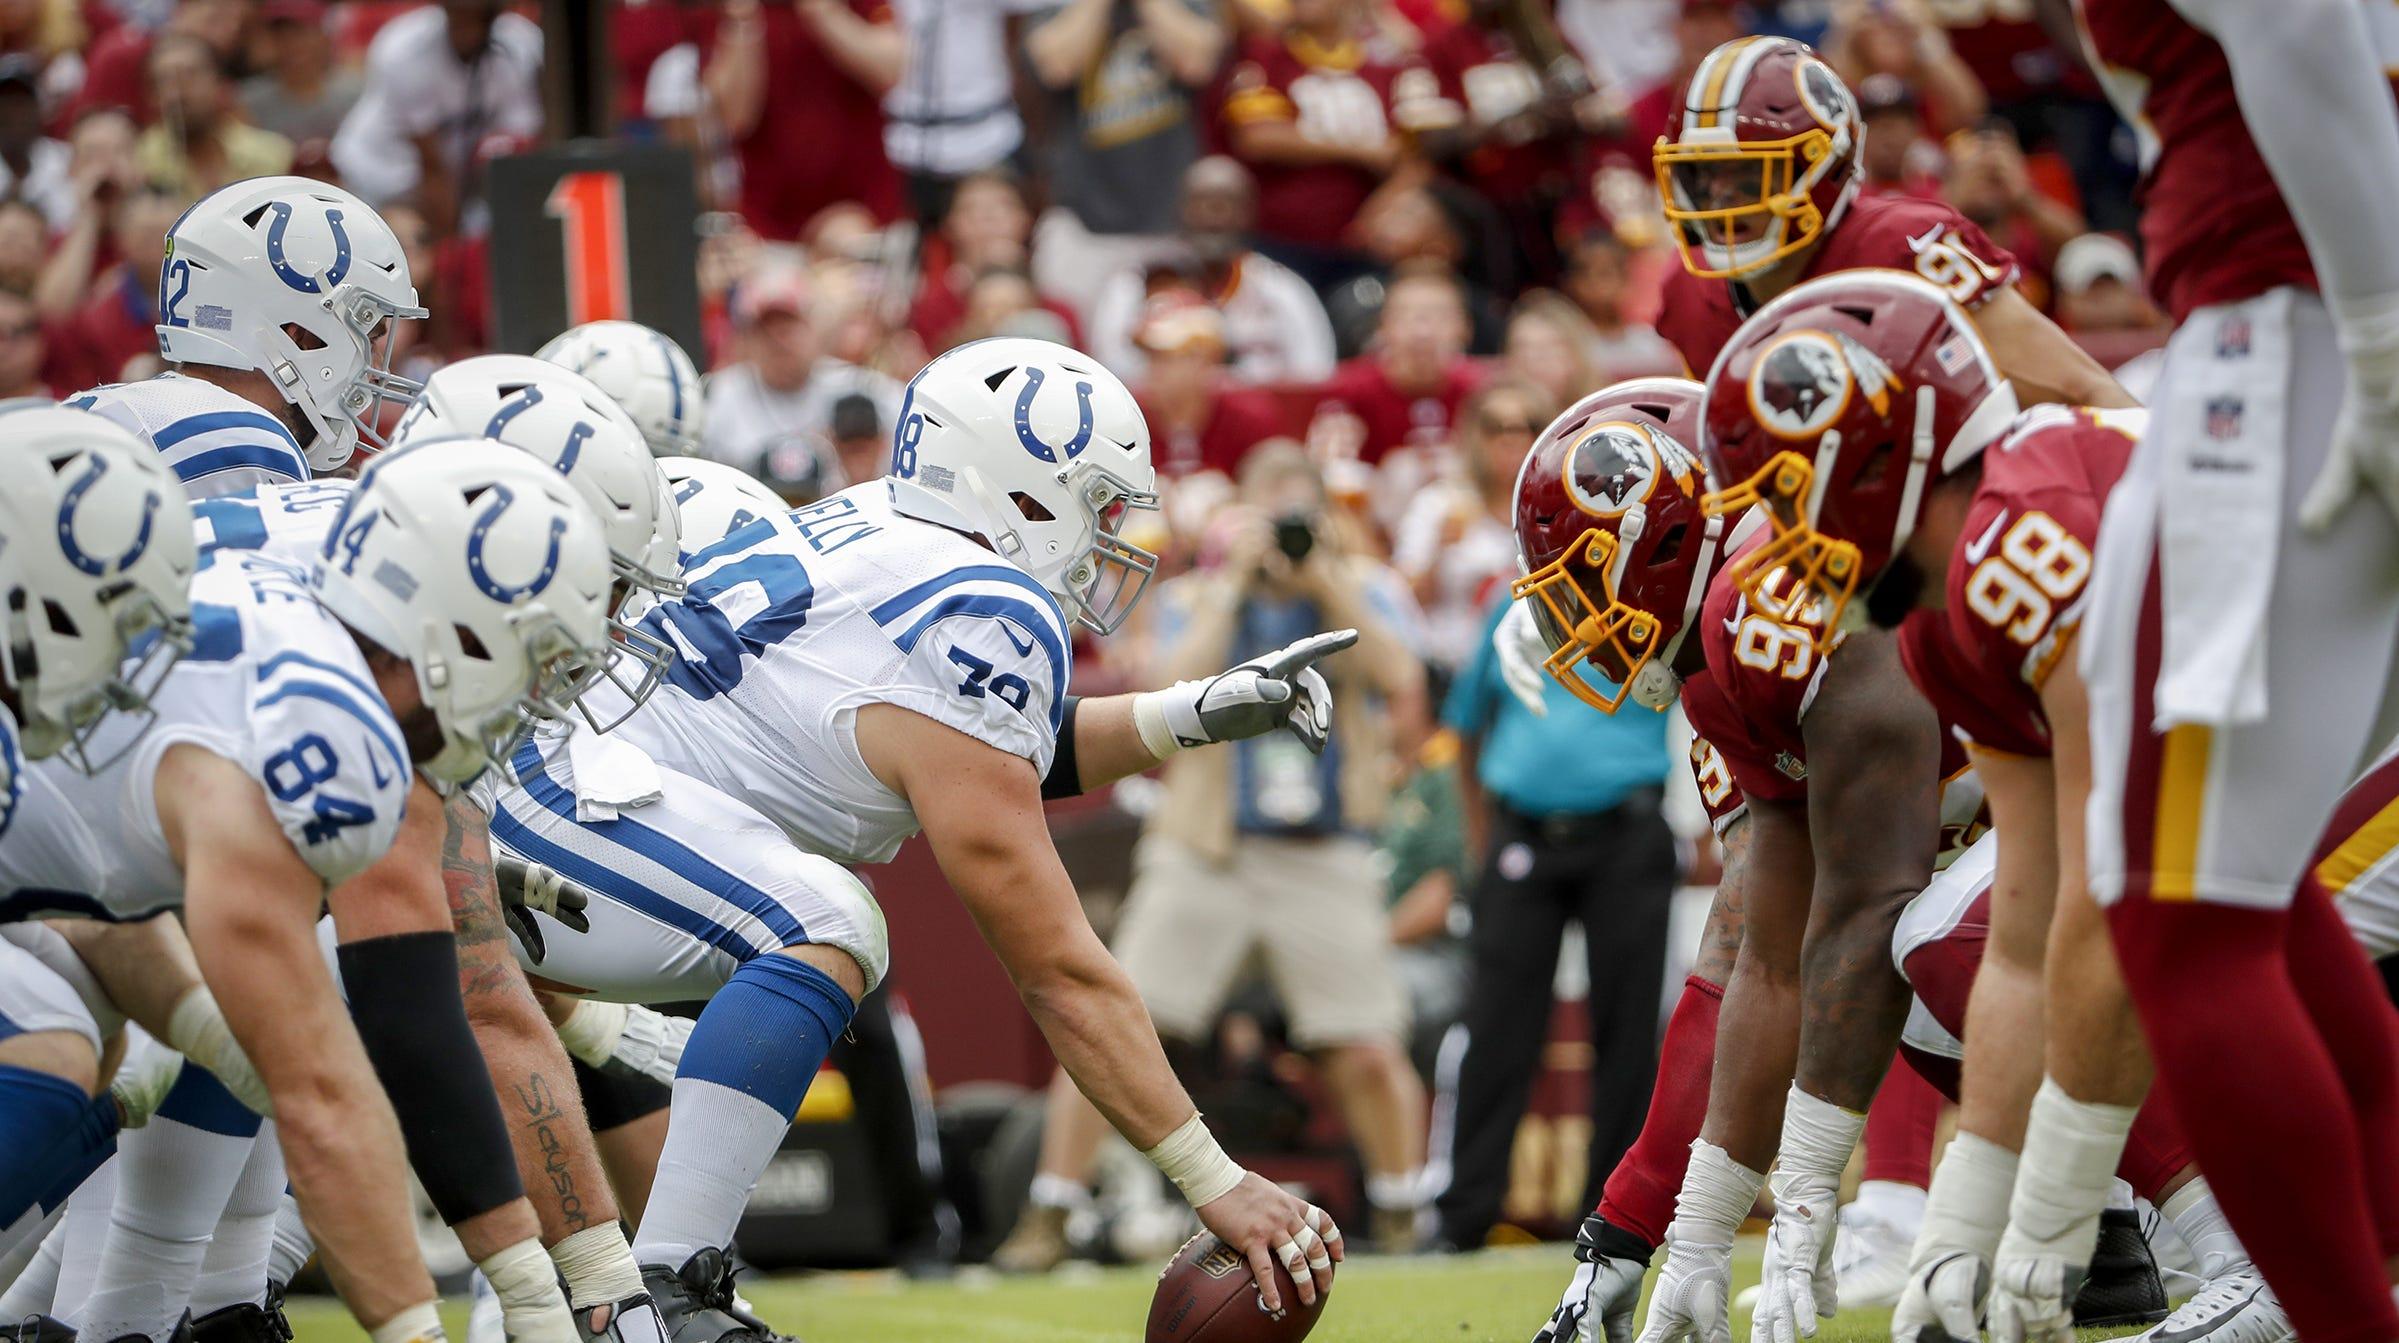 Insider: Still short-handed, Colts o-line finally keeping Andrew Luck safe